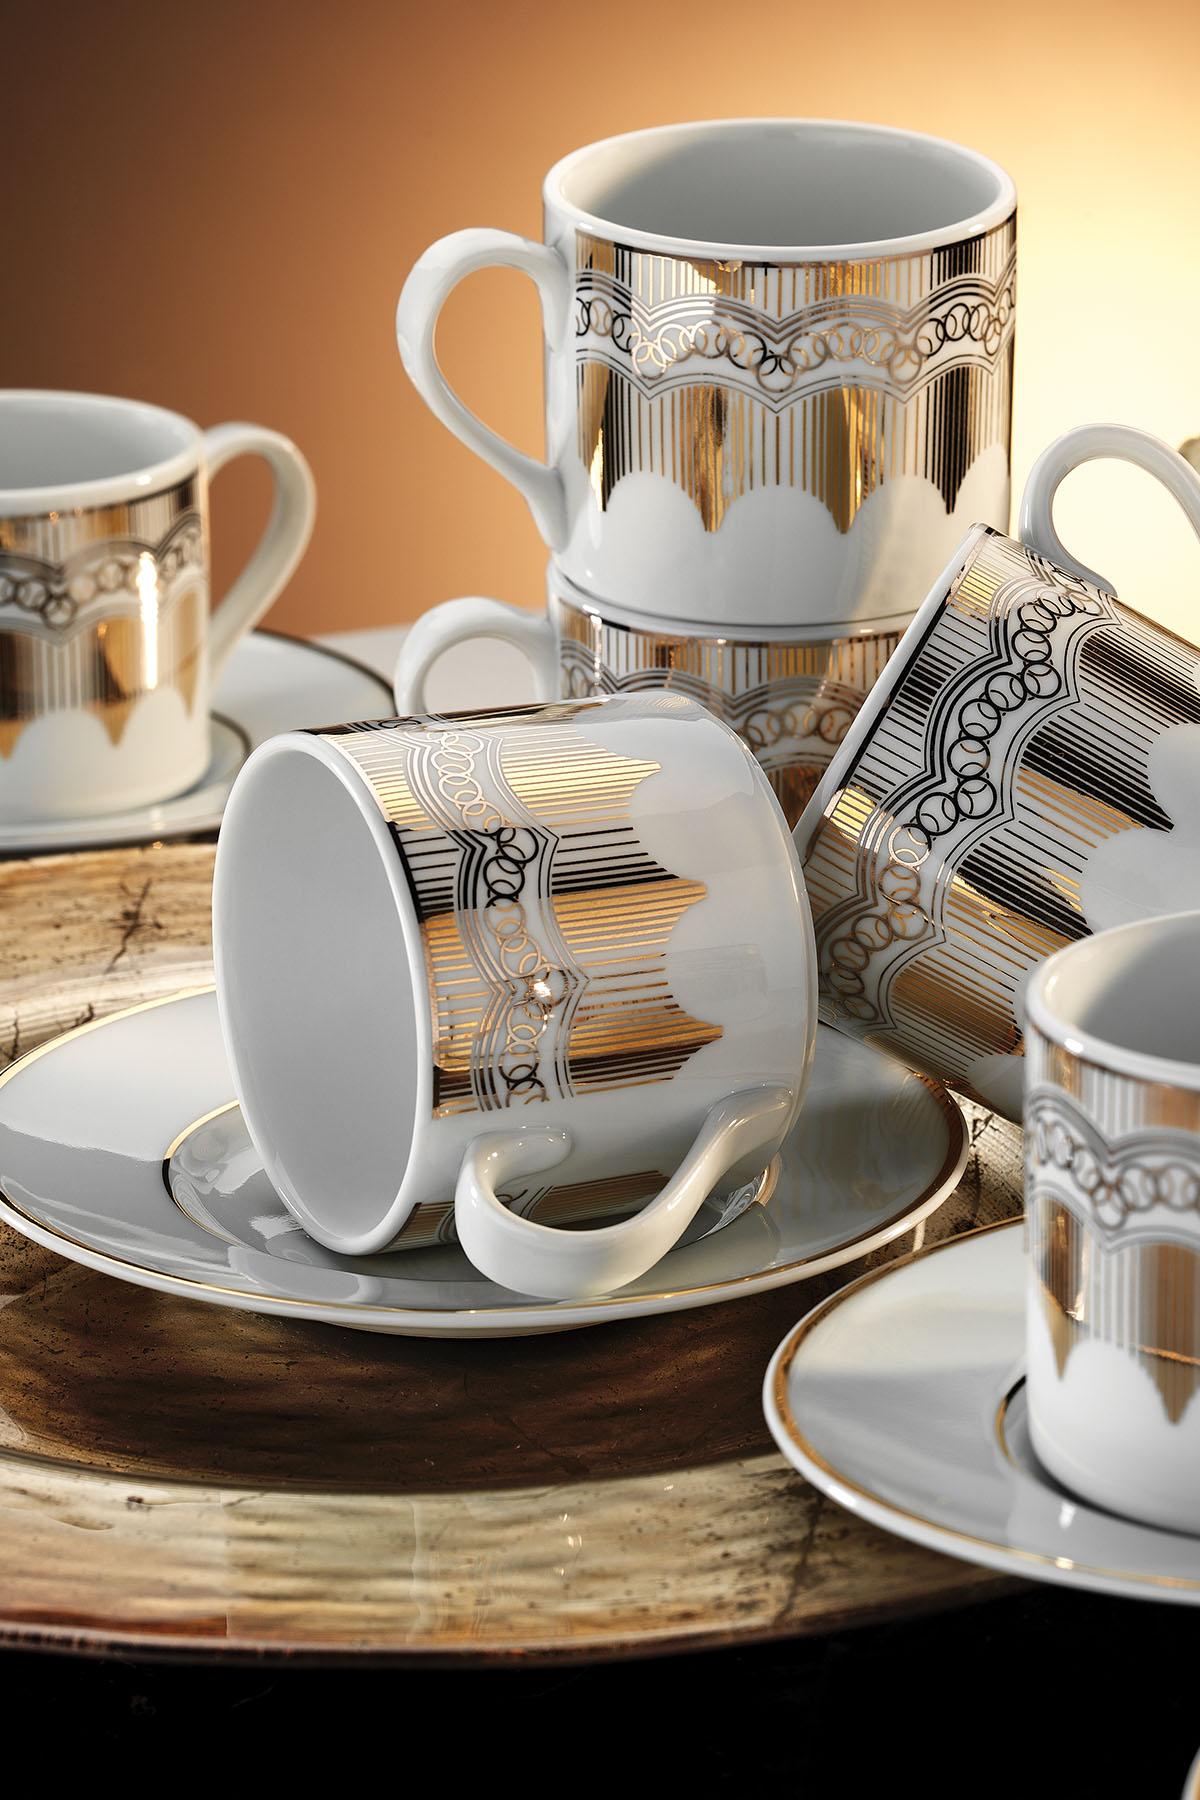 Kütahya Porselen - Kütahya Porselen Rüya 7048 Desen Kahve Fincan Takımı